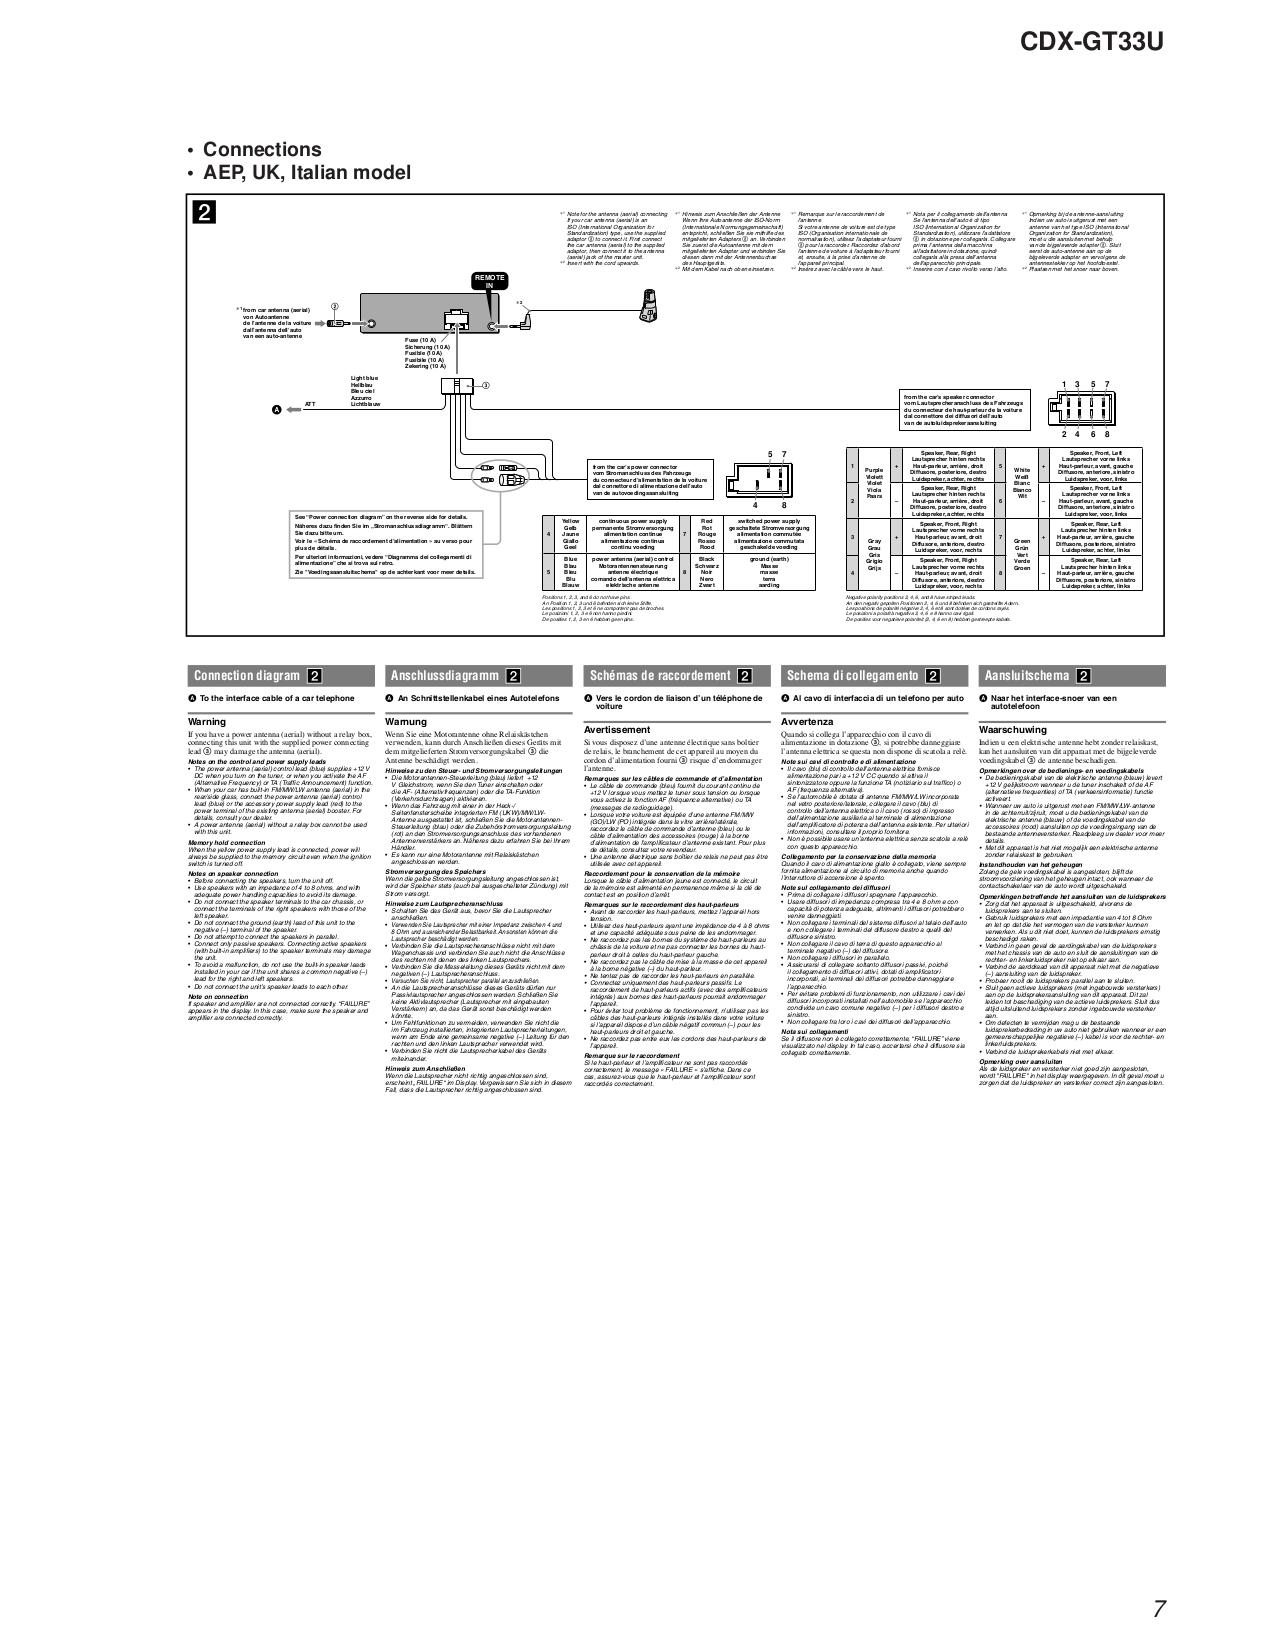 Wunderbar Sony Xplod Cdx Schaltplan Zeitgenössisch - Die Besten ...